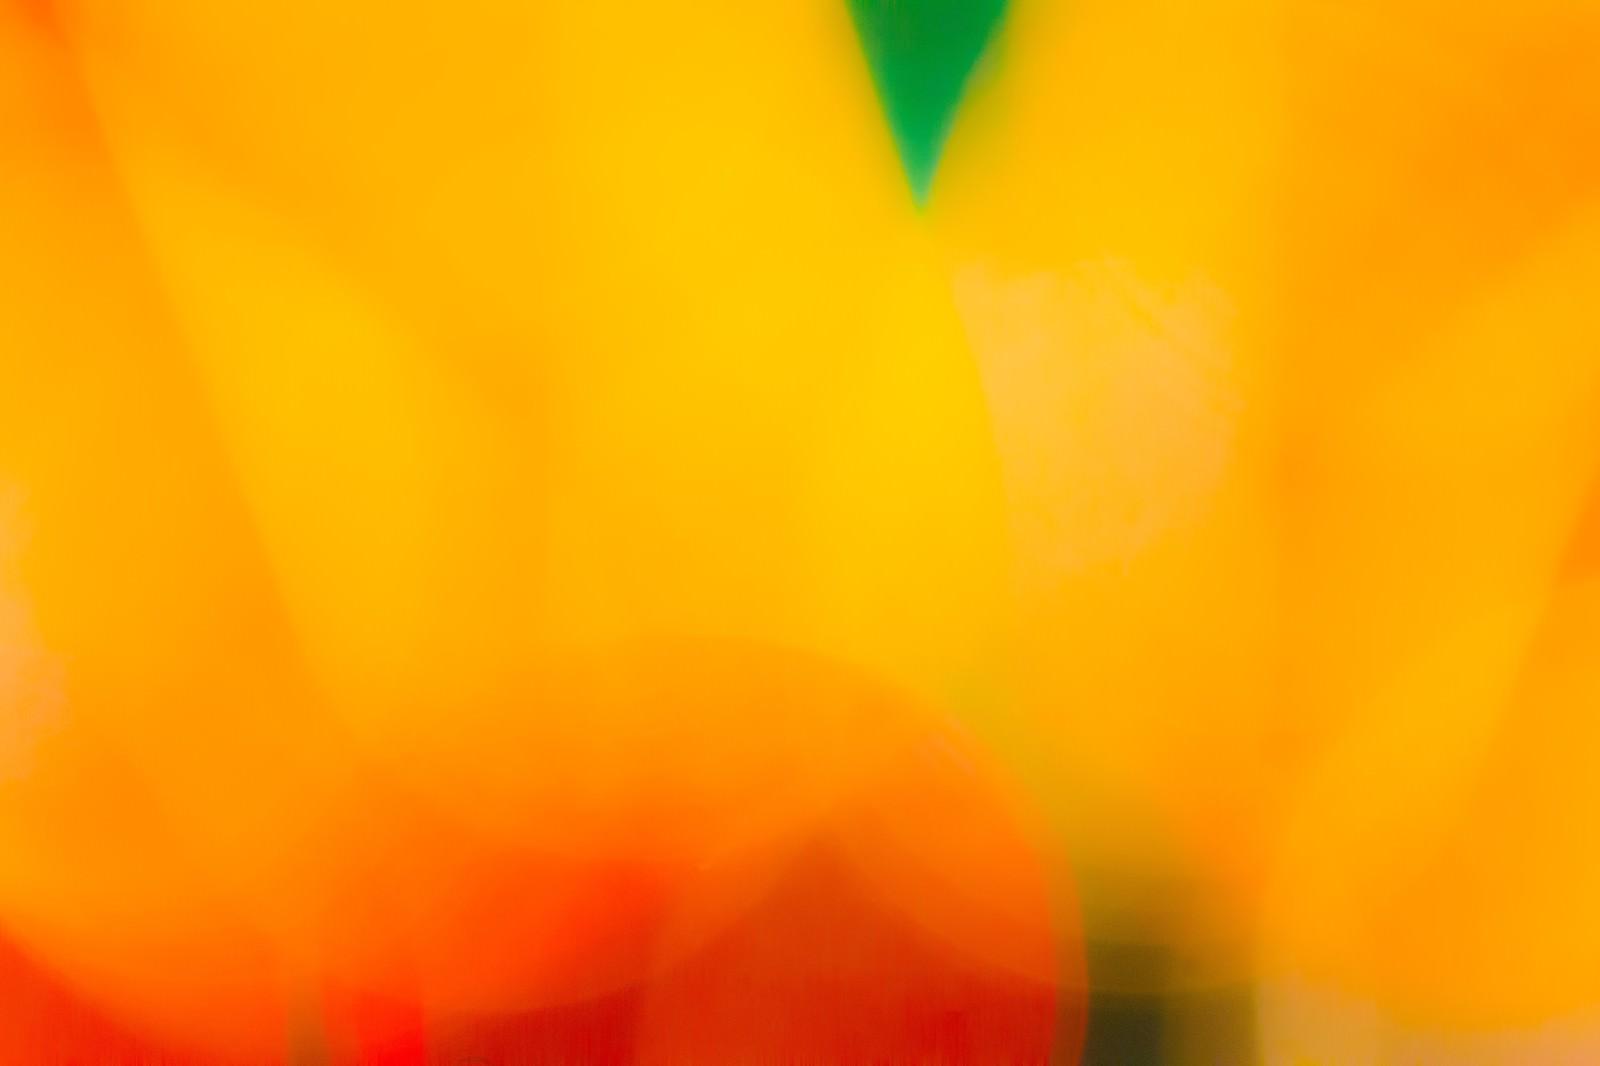 「淡いオレンジ」の写真